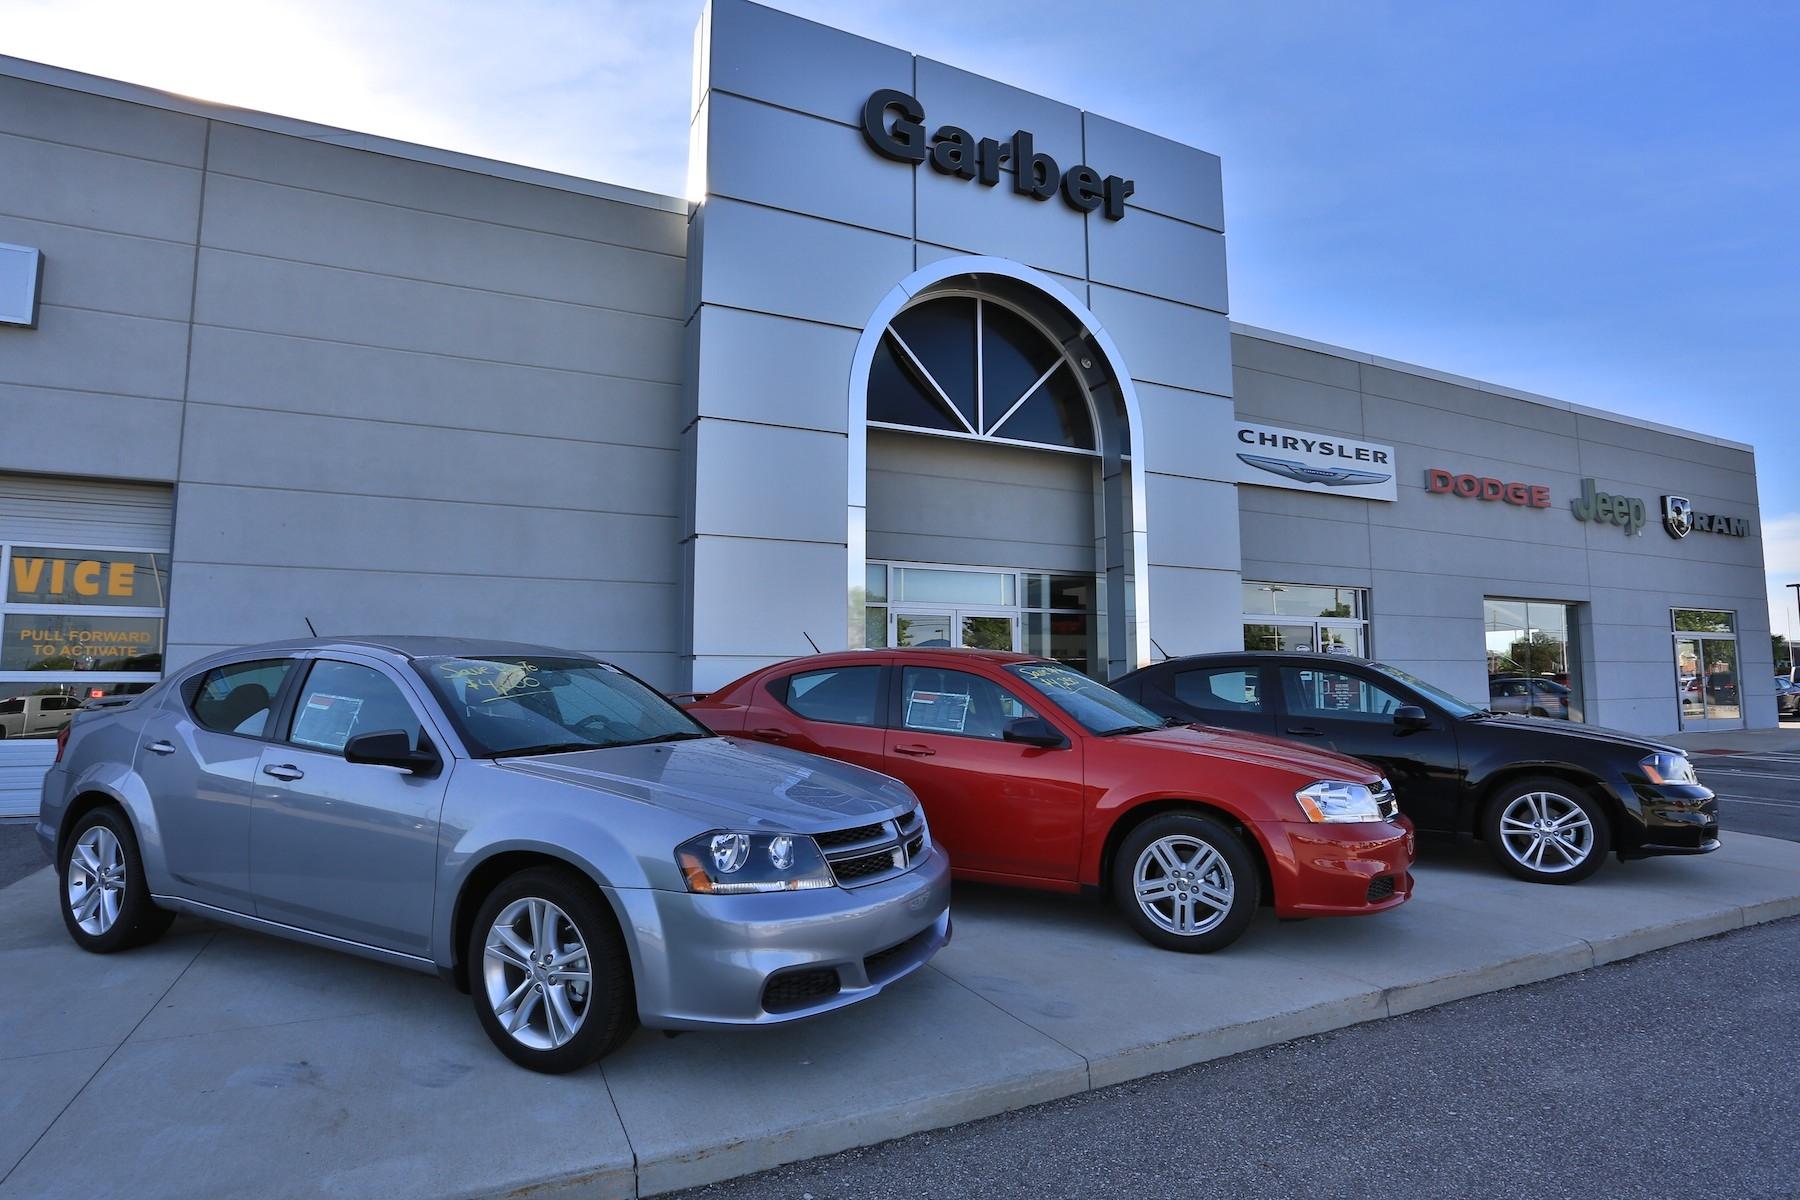 Garber Chrysler Dodge Jeep Ram image 2